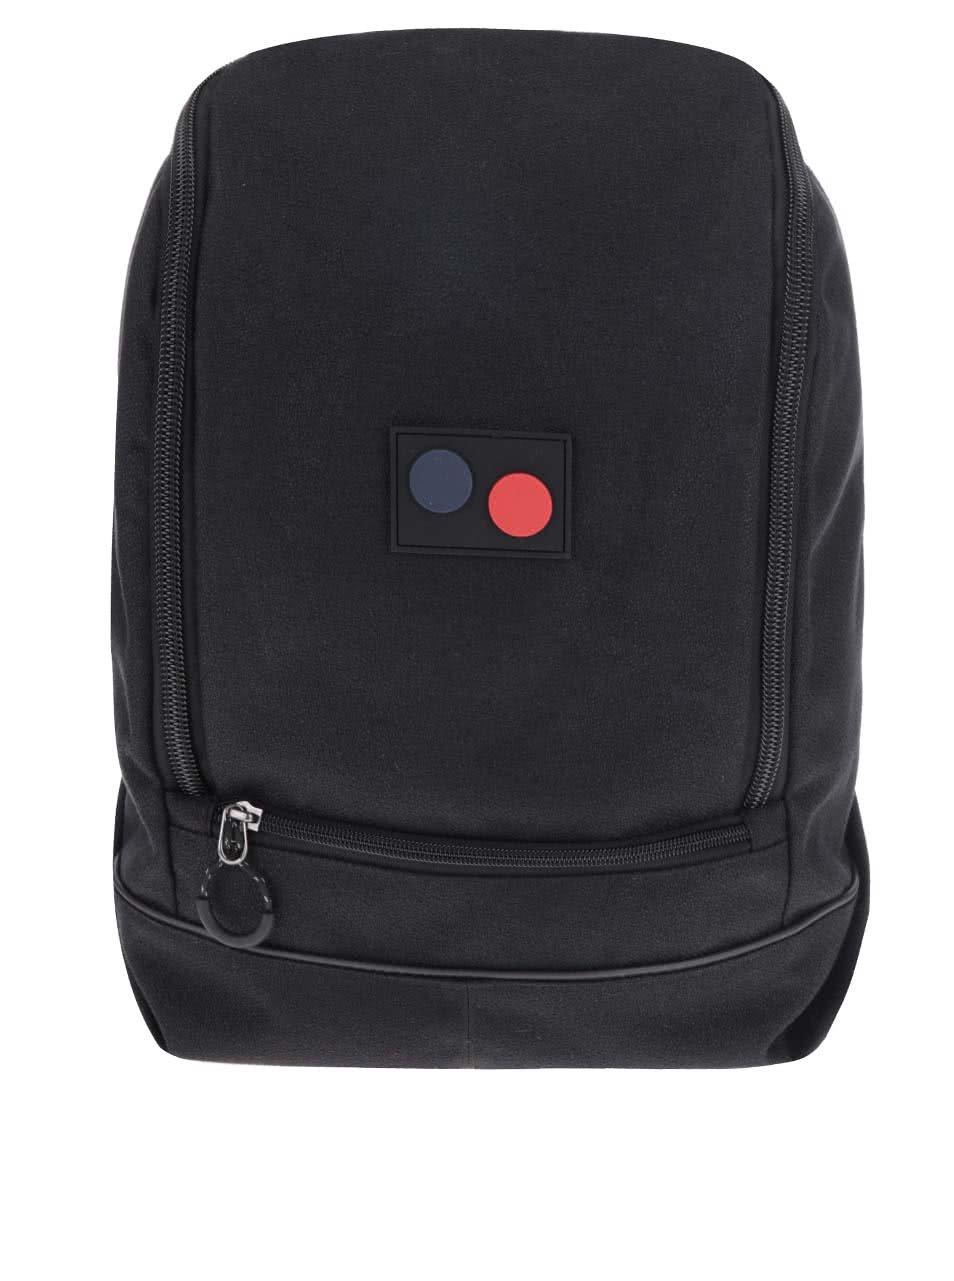 Černý unisex batoh pinqponq Okay Mini 11 l